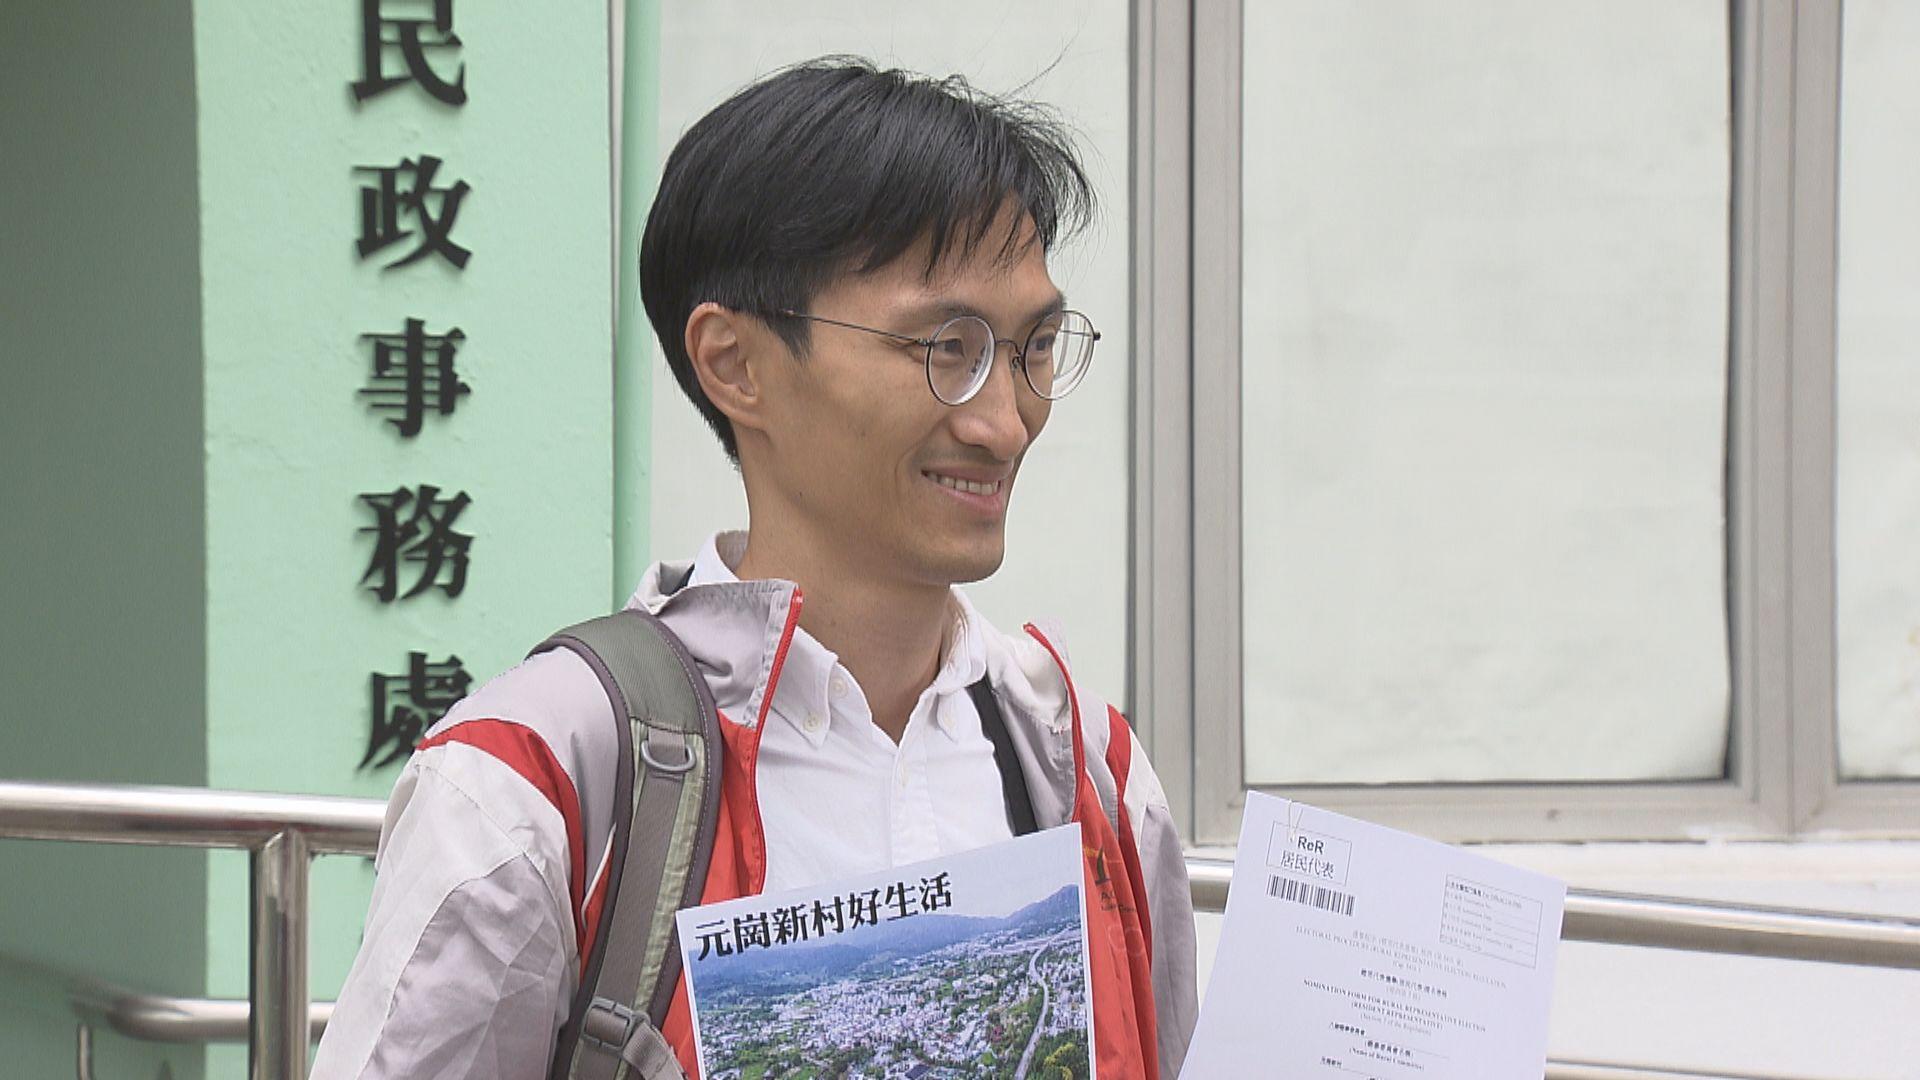 譚惠珠:DQ陳浩天案例可引伸至鄉郊選舉